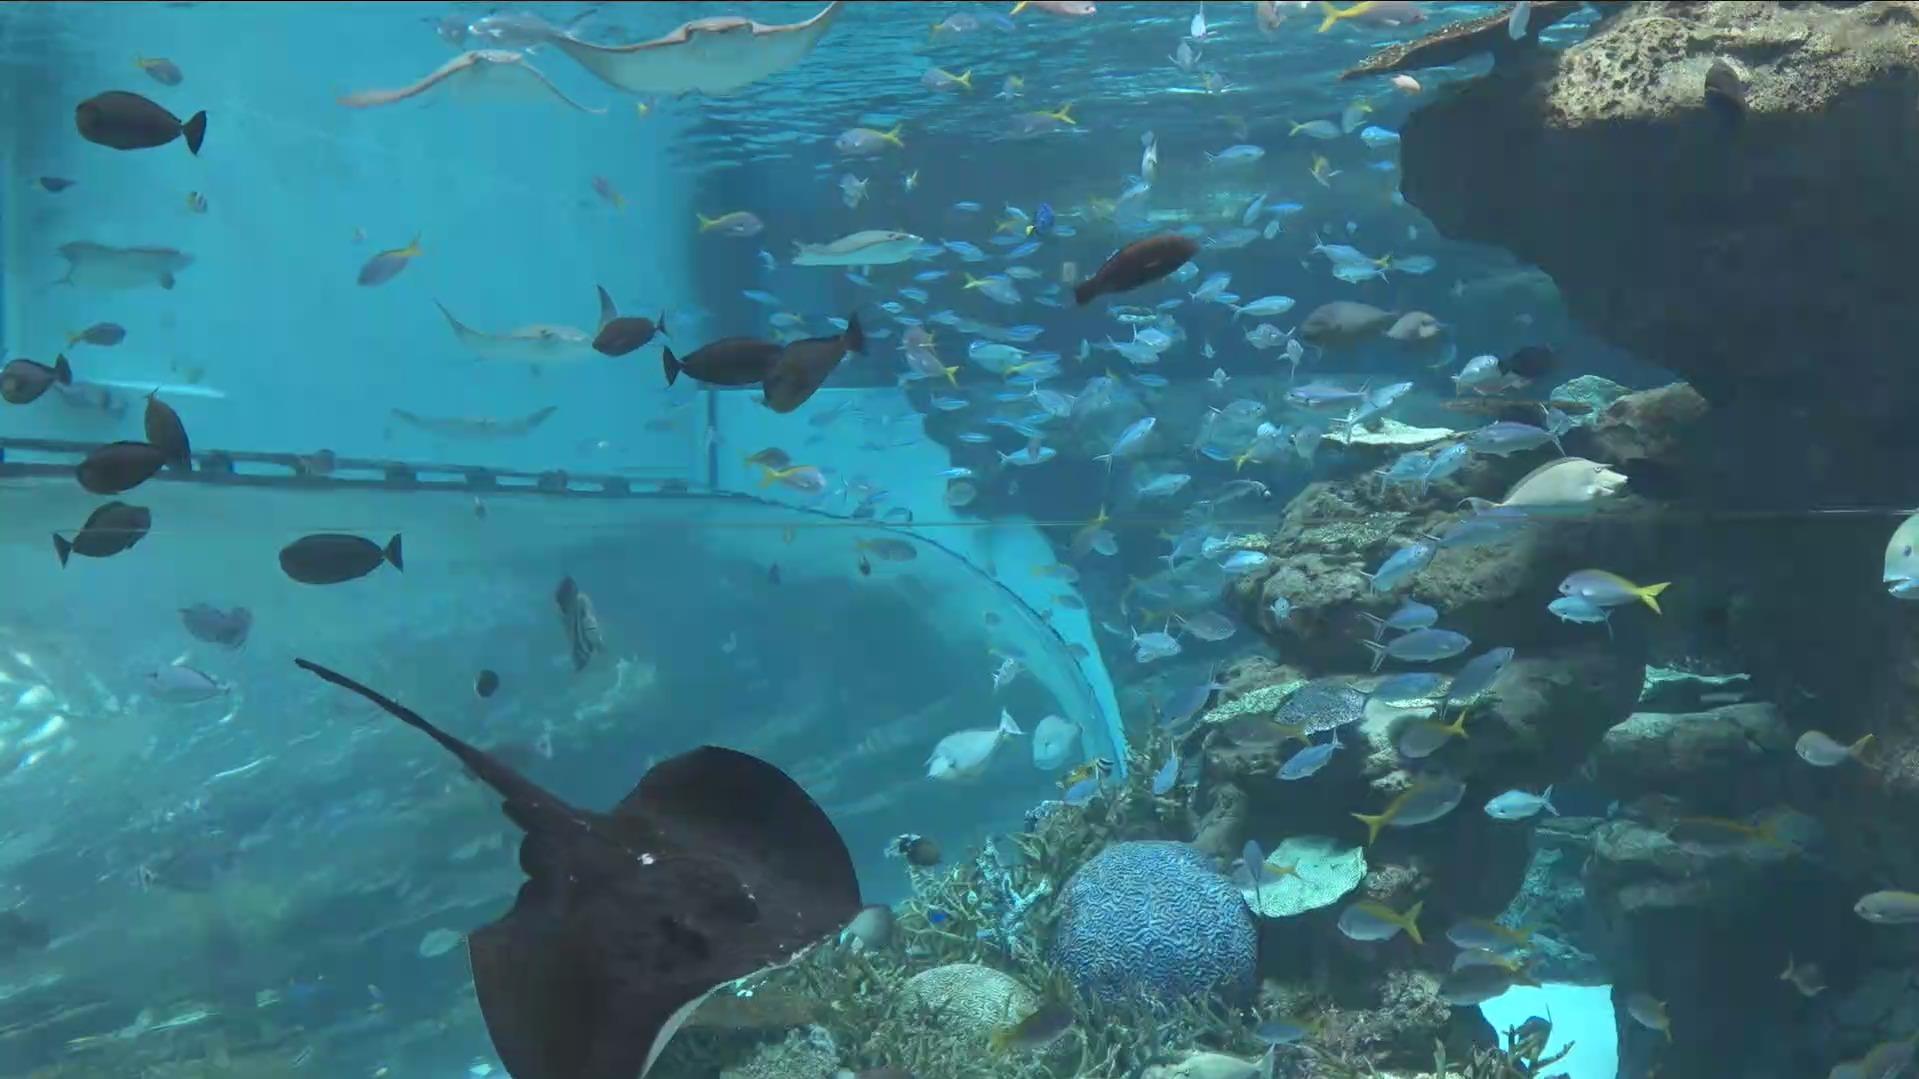 名古屋港水族館サンゴ礁大水槽ライブカメラ(愛知県名古屋市港区)